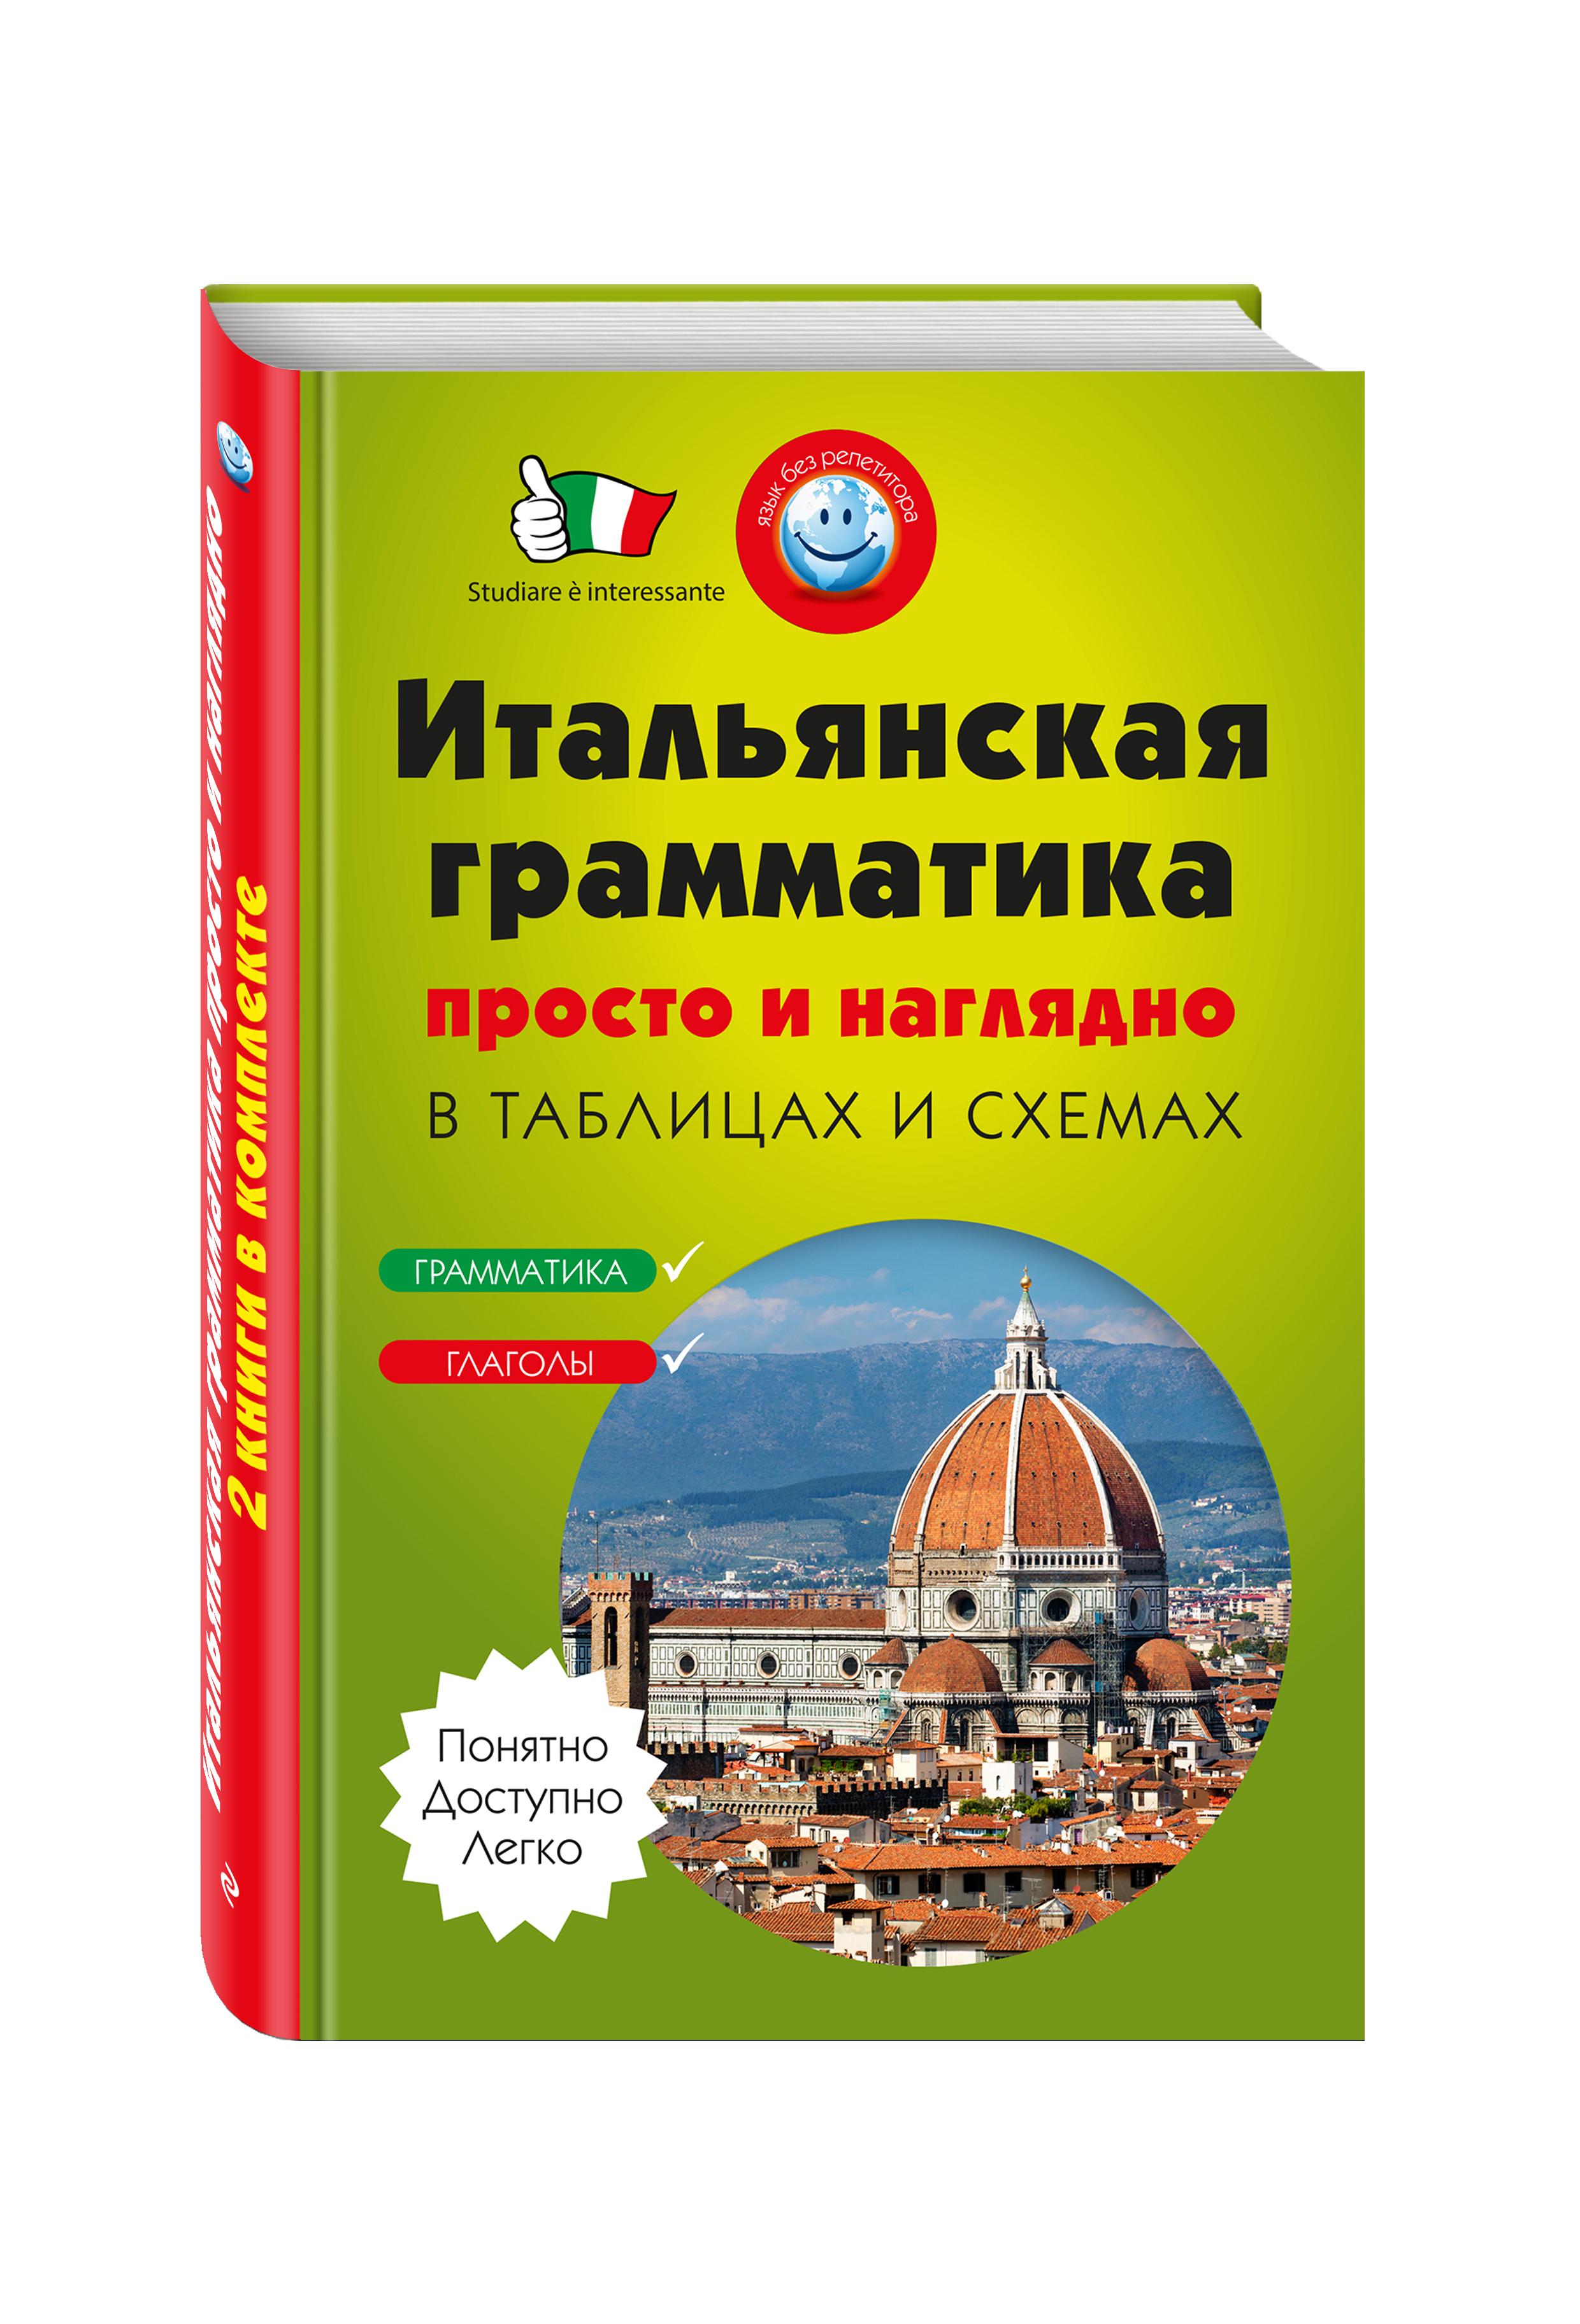 Гава Г.В., Конева Н.Ю. Итальянская грамматика просто и наглядно. (комплект) boxpop lb 085 35